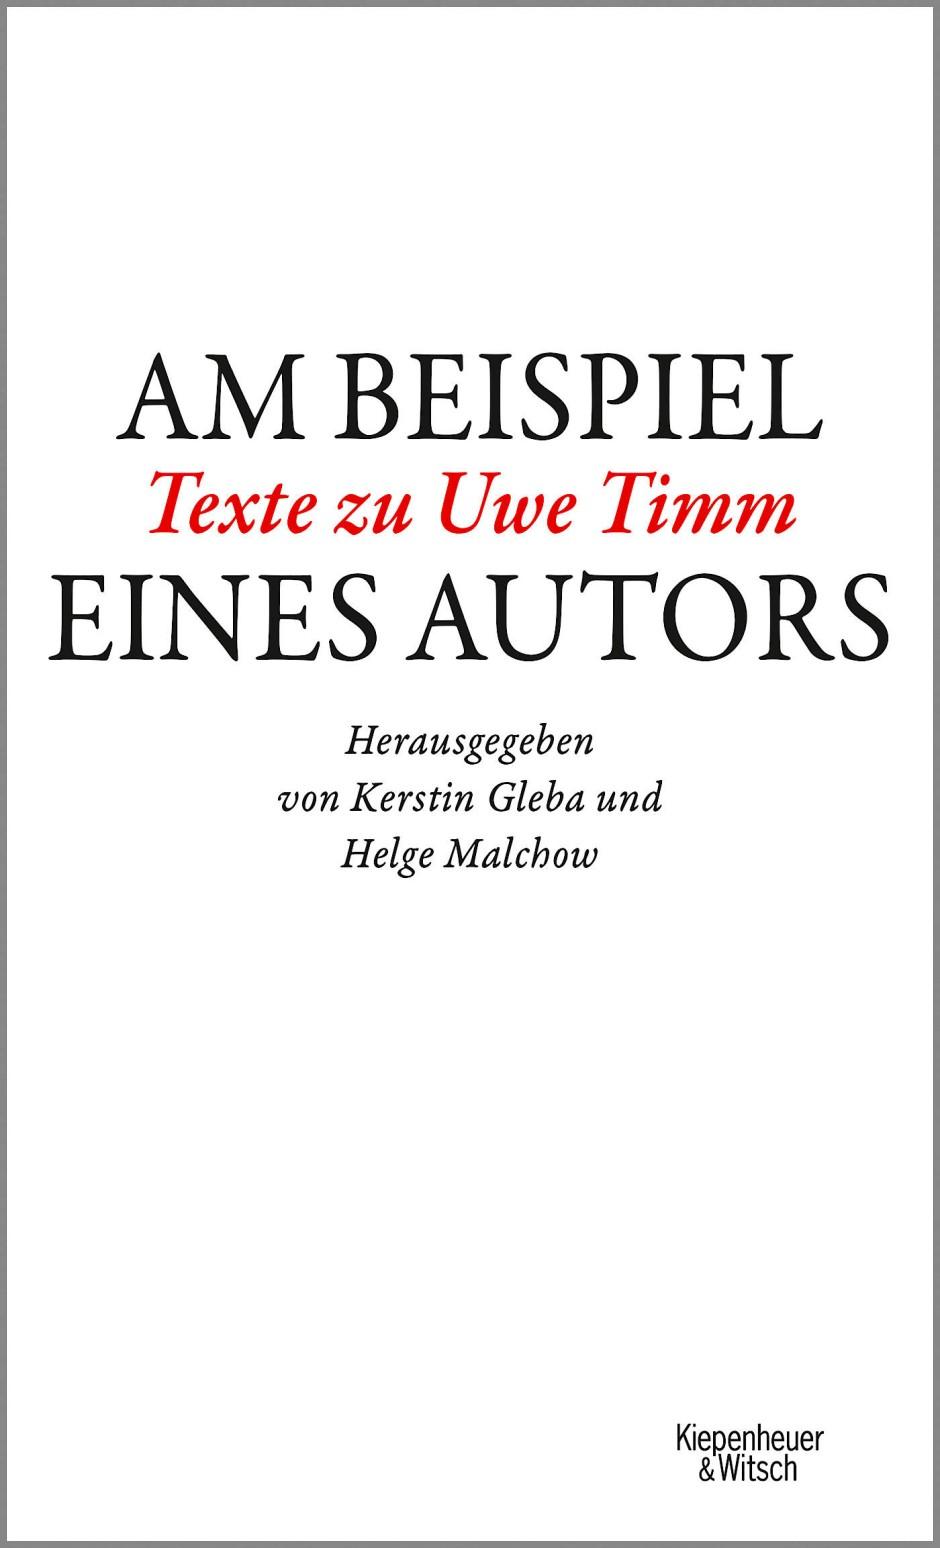 """""""Am Beispiel eines Autors"""". Texte zu Uwe Timm. Herausgegeben von Kerstin Gleba und Helge Malchow. Kiepenheuer & Witsch, Köln 2020. 208 S., geb., 20,– €."""